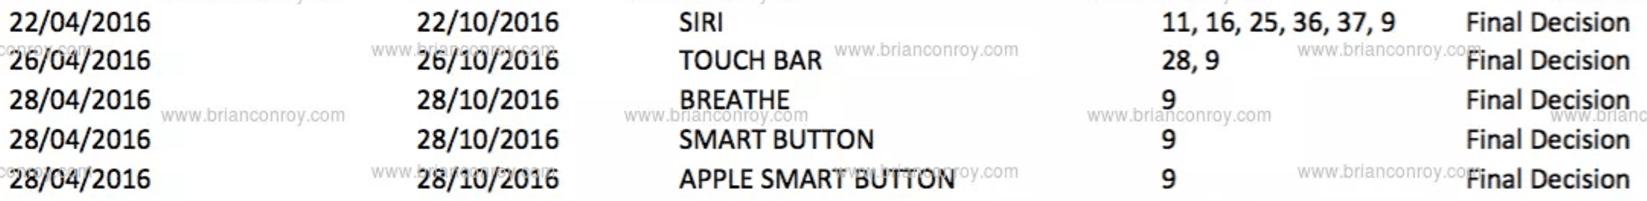 Apple Touchbar Trademark Application